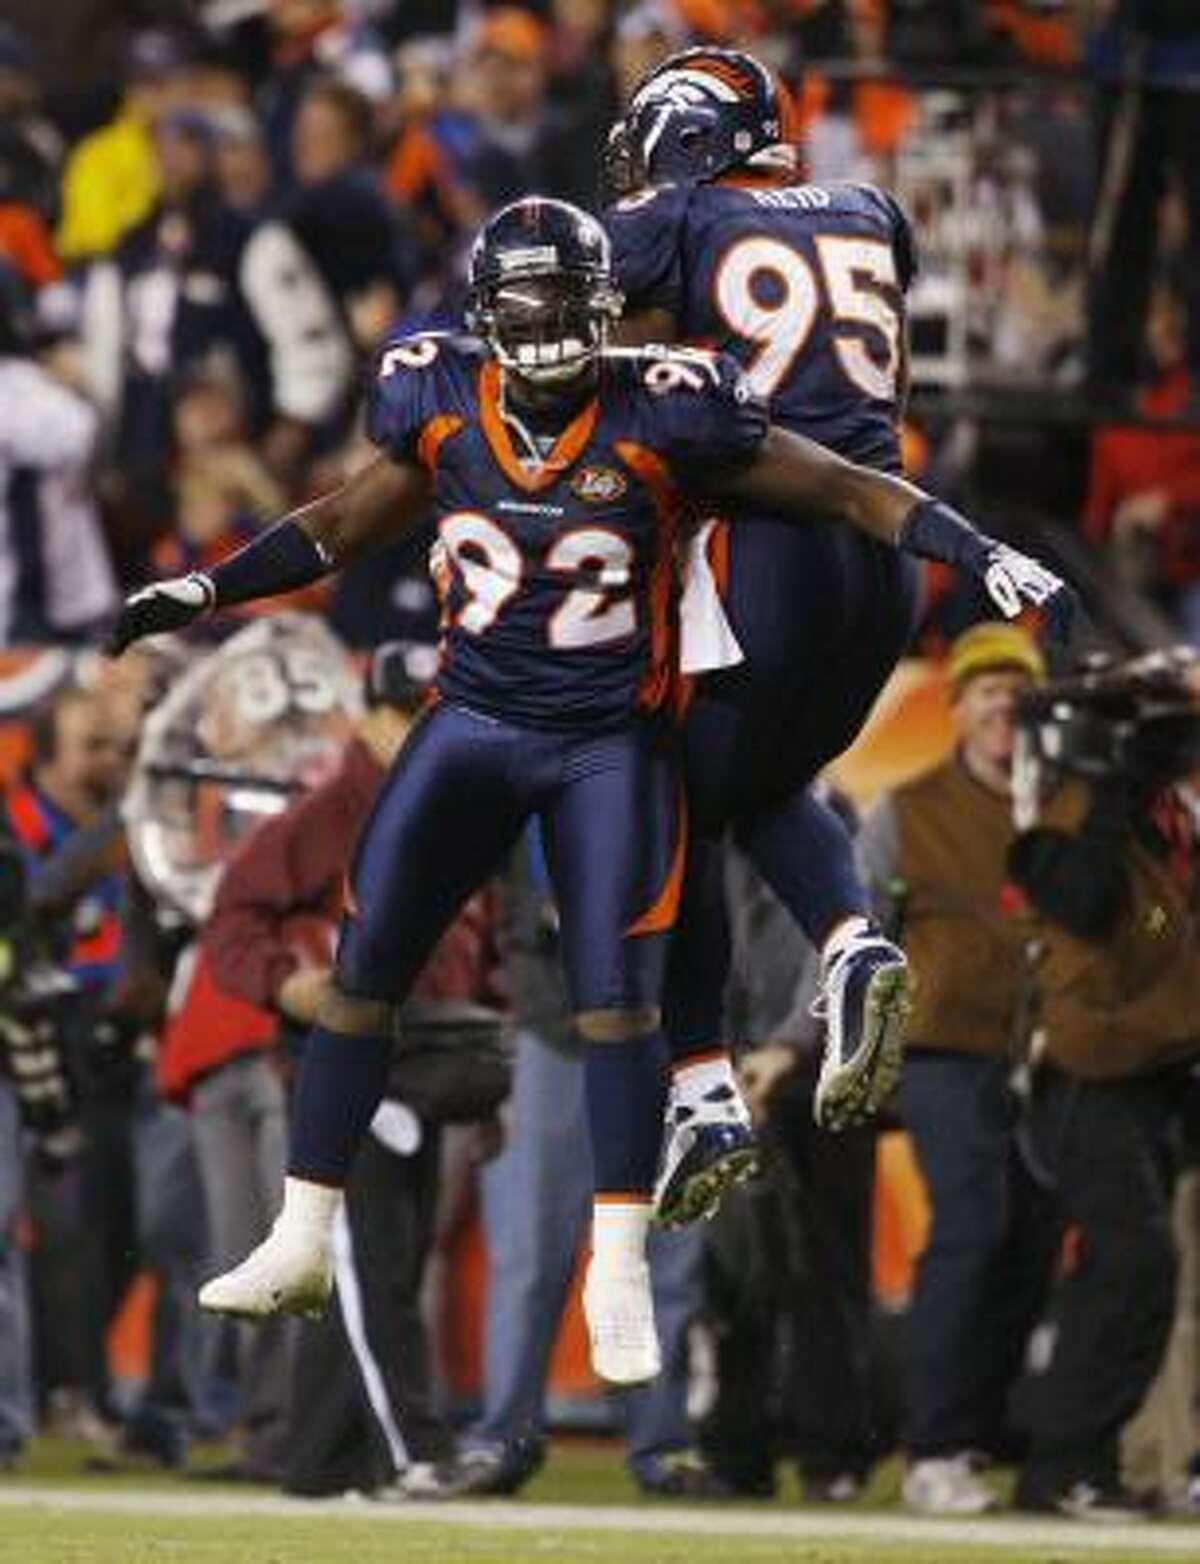 Broncos 26, Giants 6 Broncos defensive end Elvis Dumervil (92) and defensive tackle Darrell Reid (95) react after Dumervil sacked New York Giants quarterback Eli Manning.